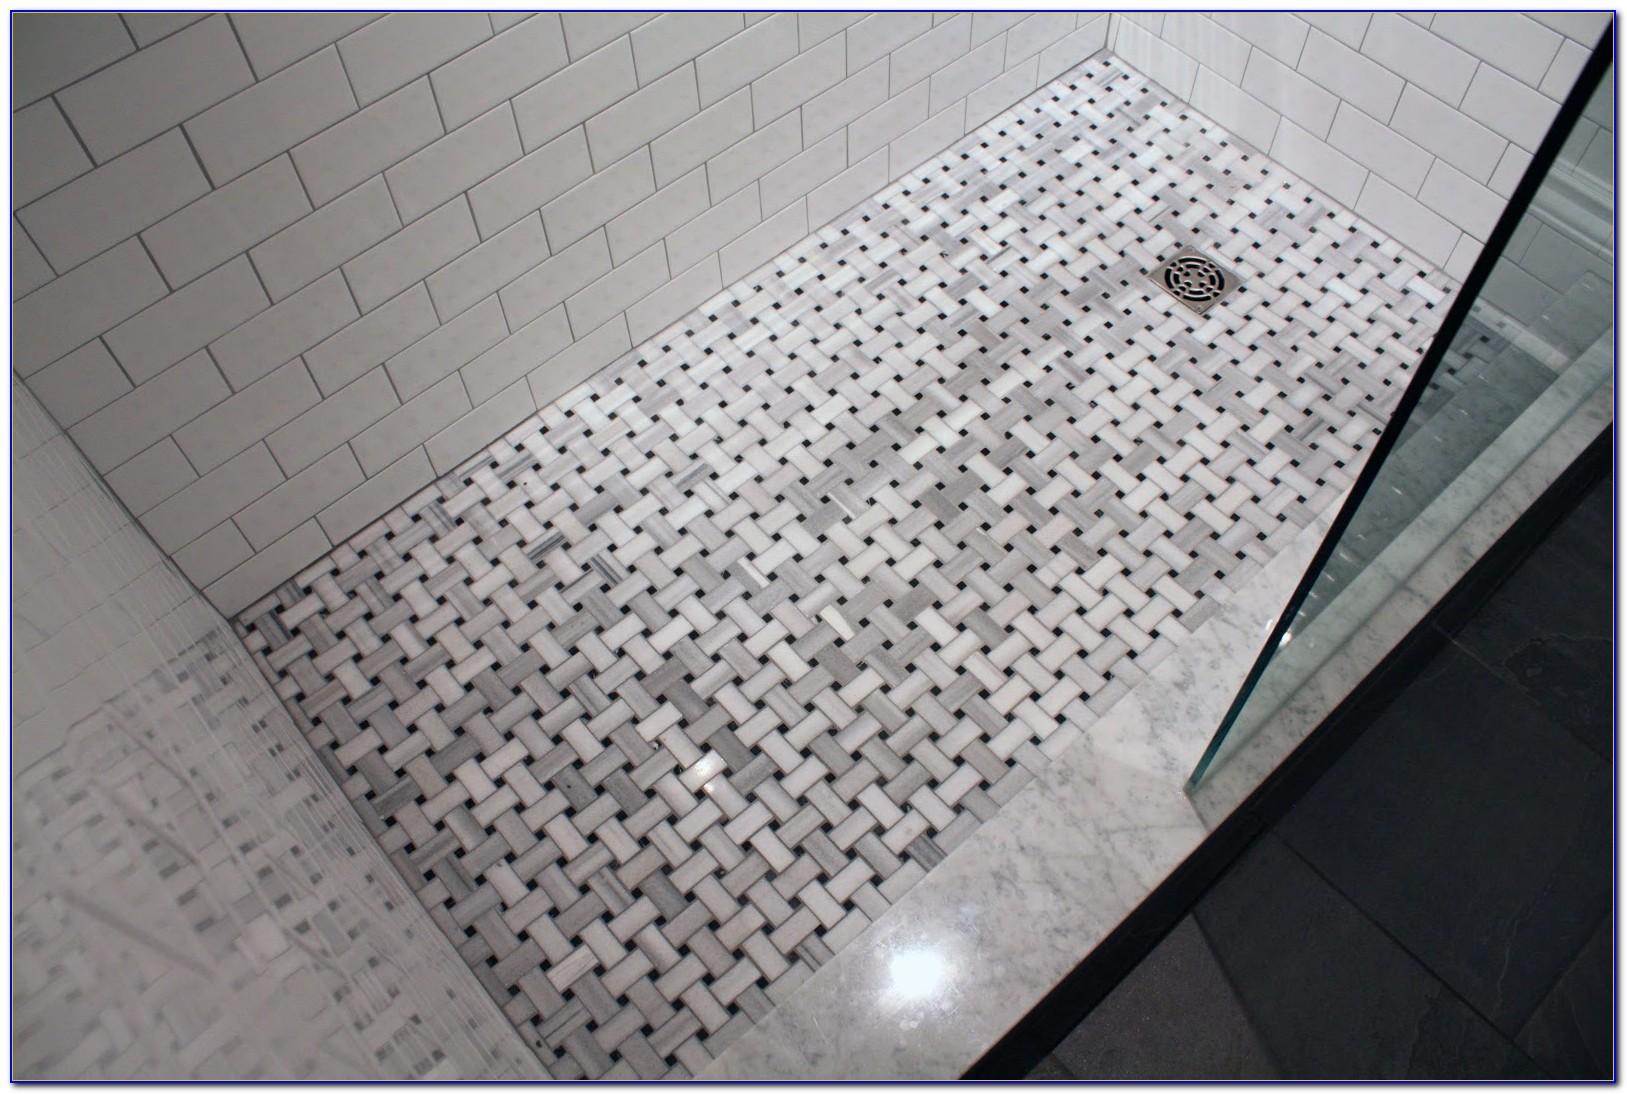 How To Basket Weave Tile : Basket weave tile pattern ideas tiles home design